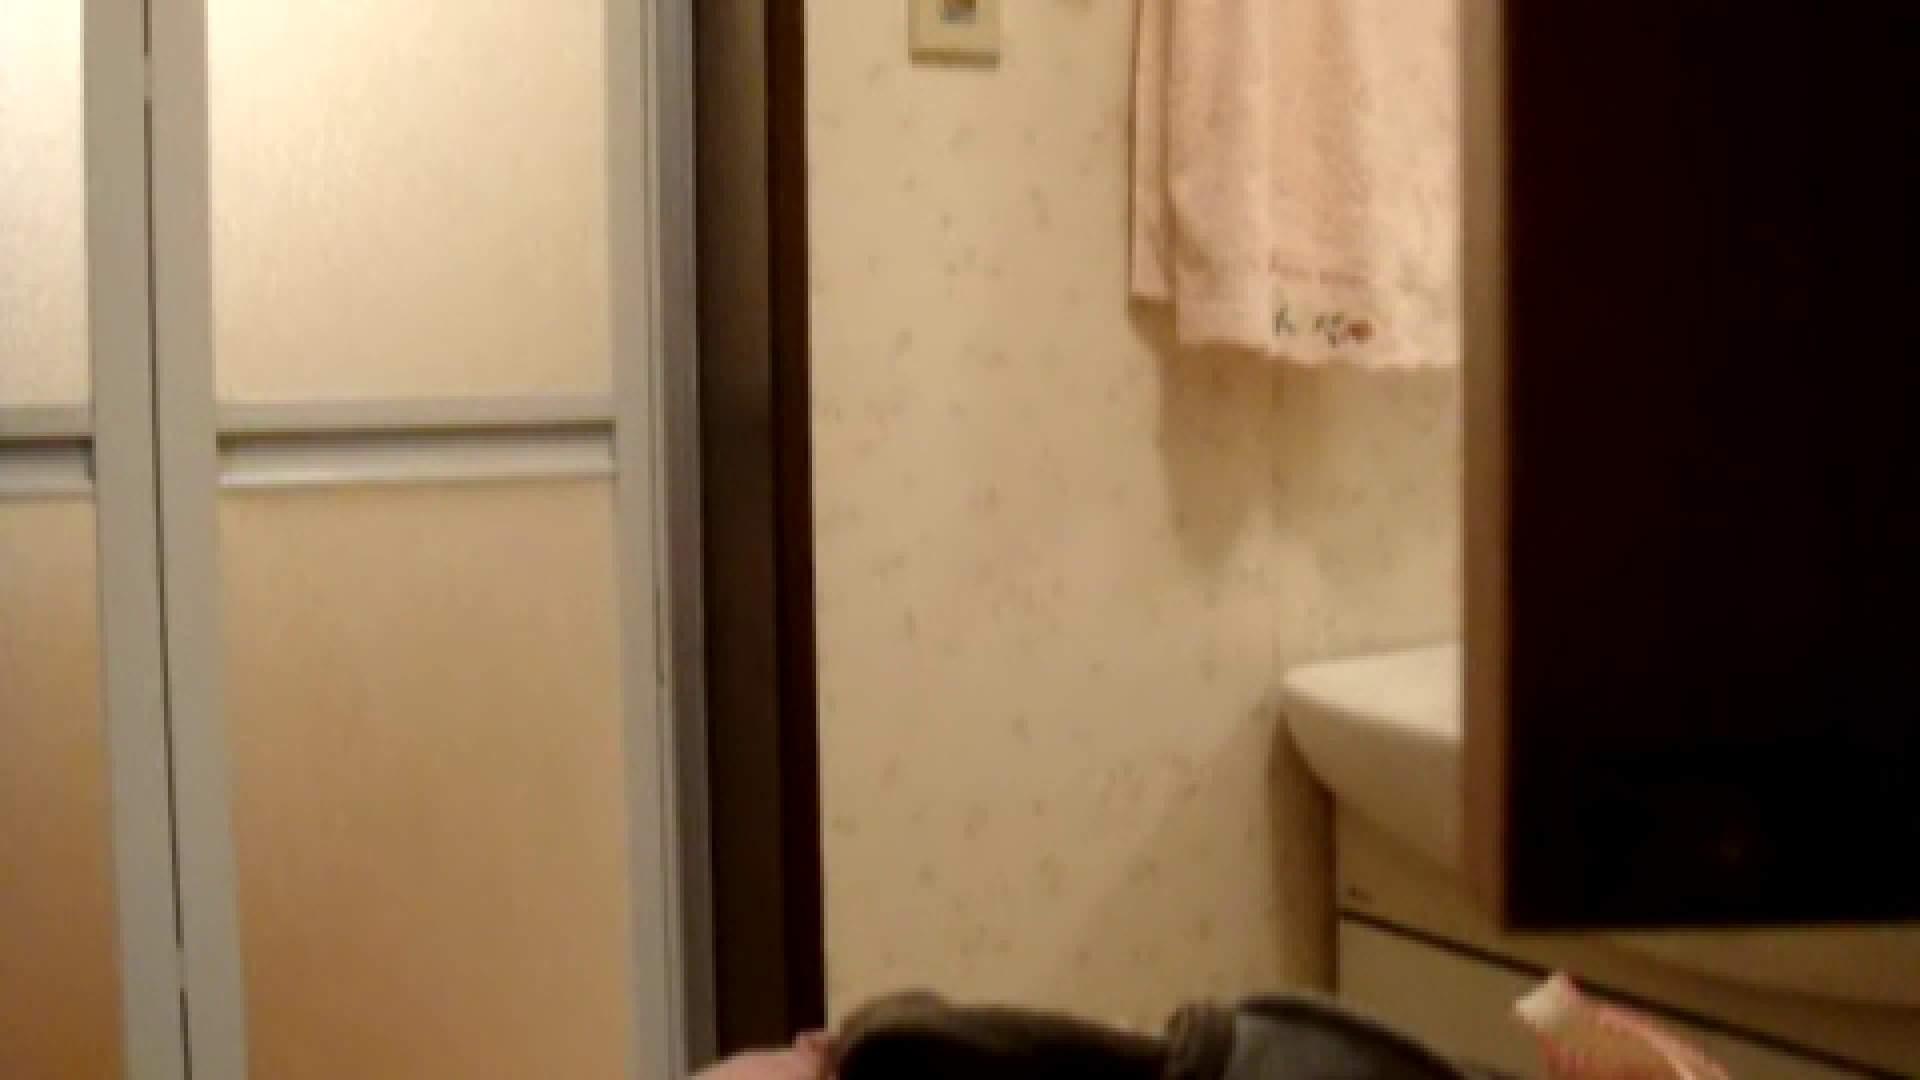 二人とも育てた甲斐がありました… vol.08 まどかの入浴中にカメラに気付いたか!? OLのエロ生活  71連発 68